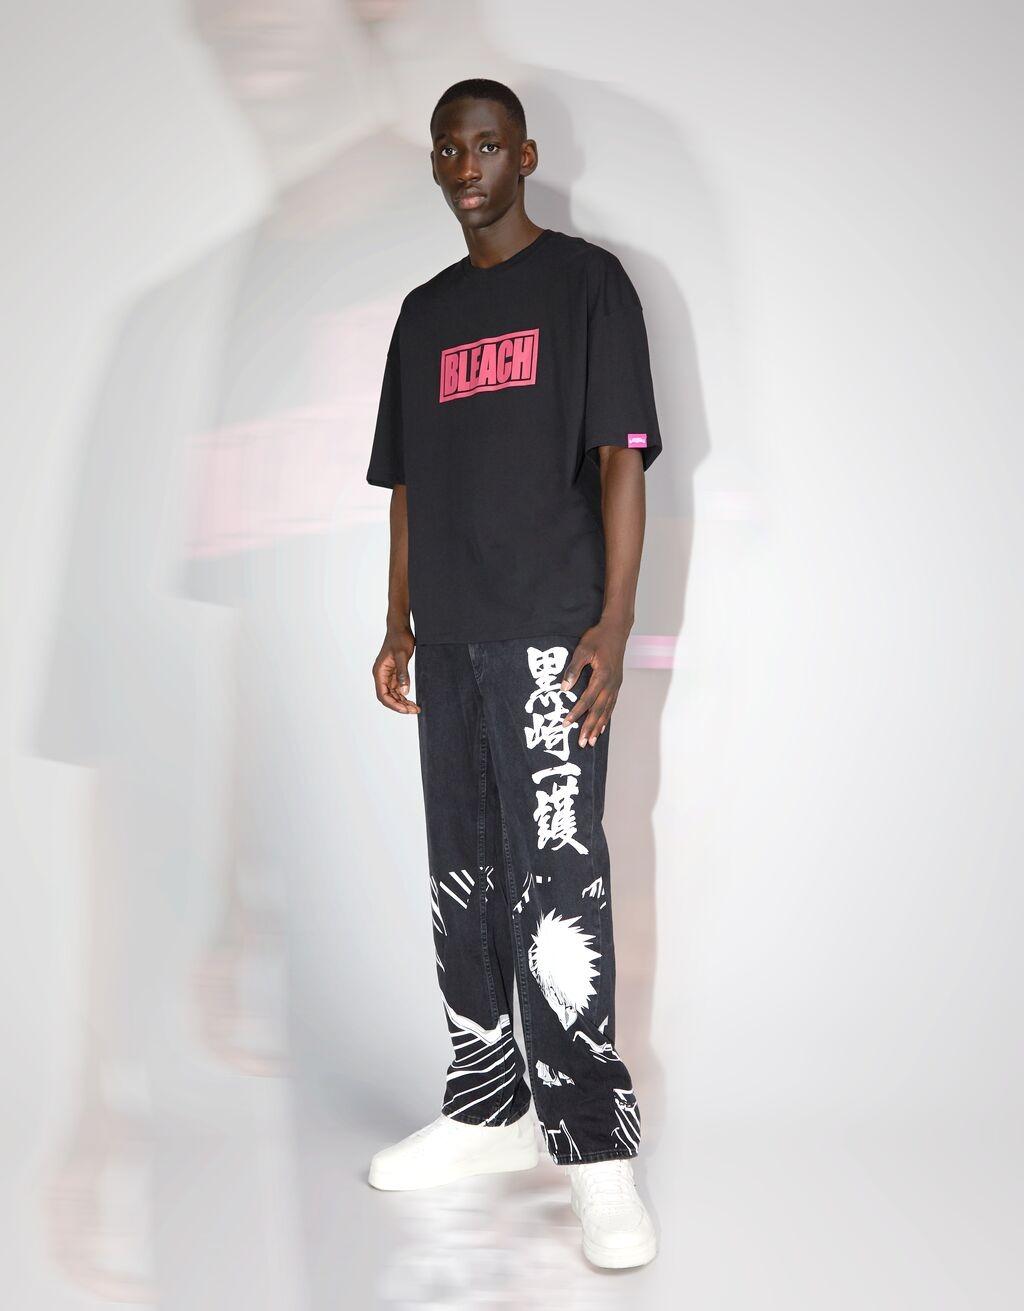 Jeans 90's Bleach x Bershka